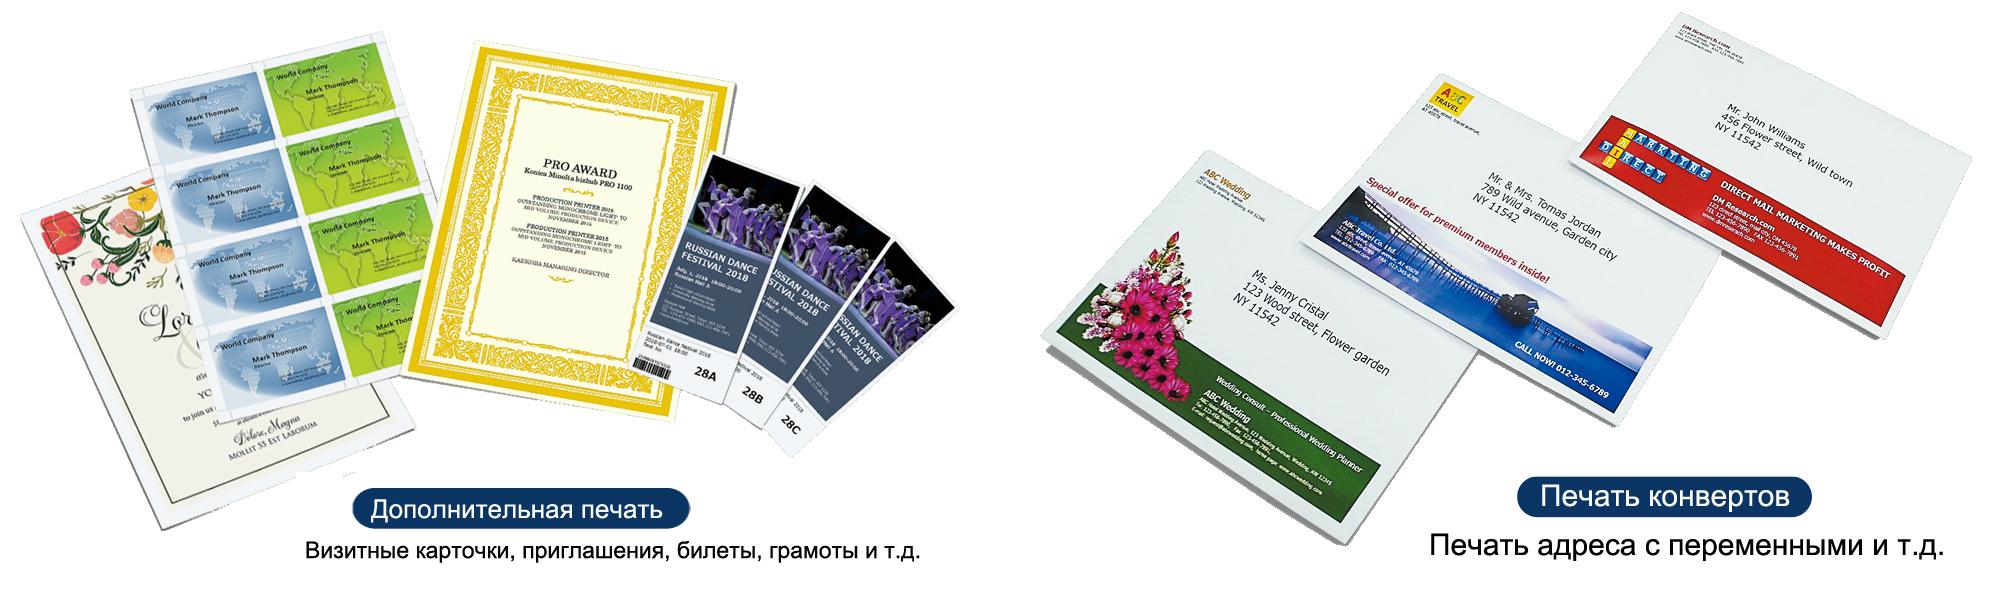 Konica Minolta AccurioPress 6136P. Печать на плотной бумаге и конвертах